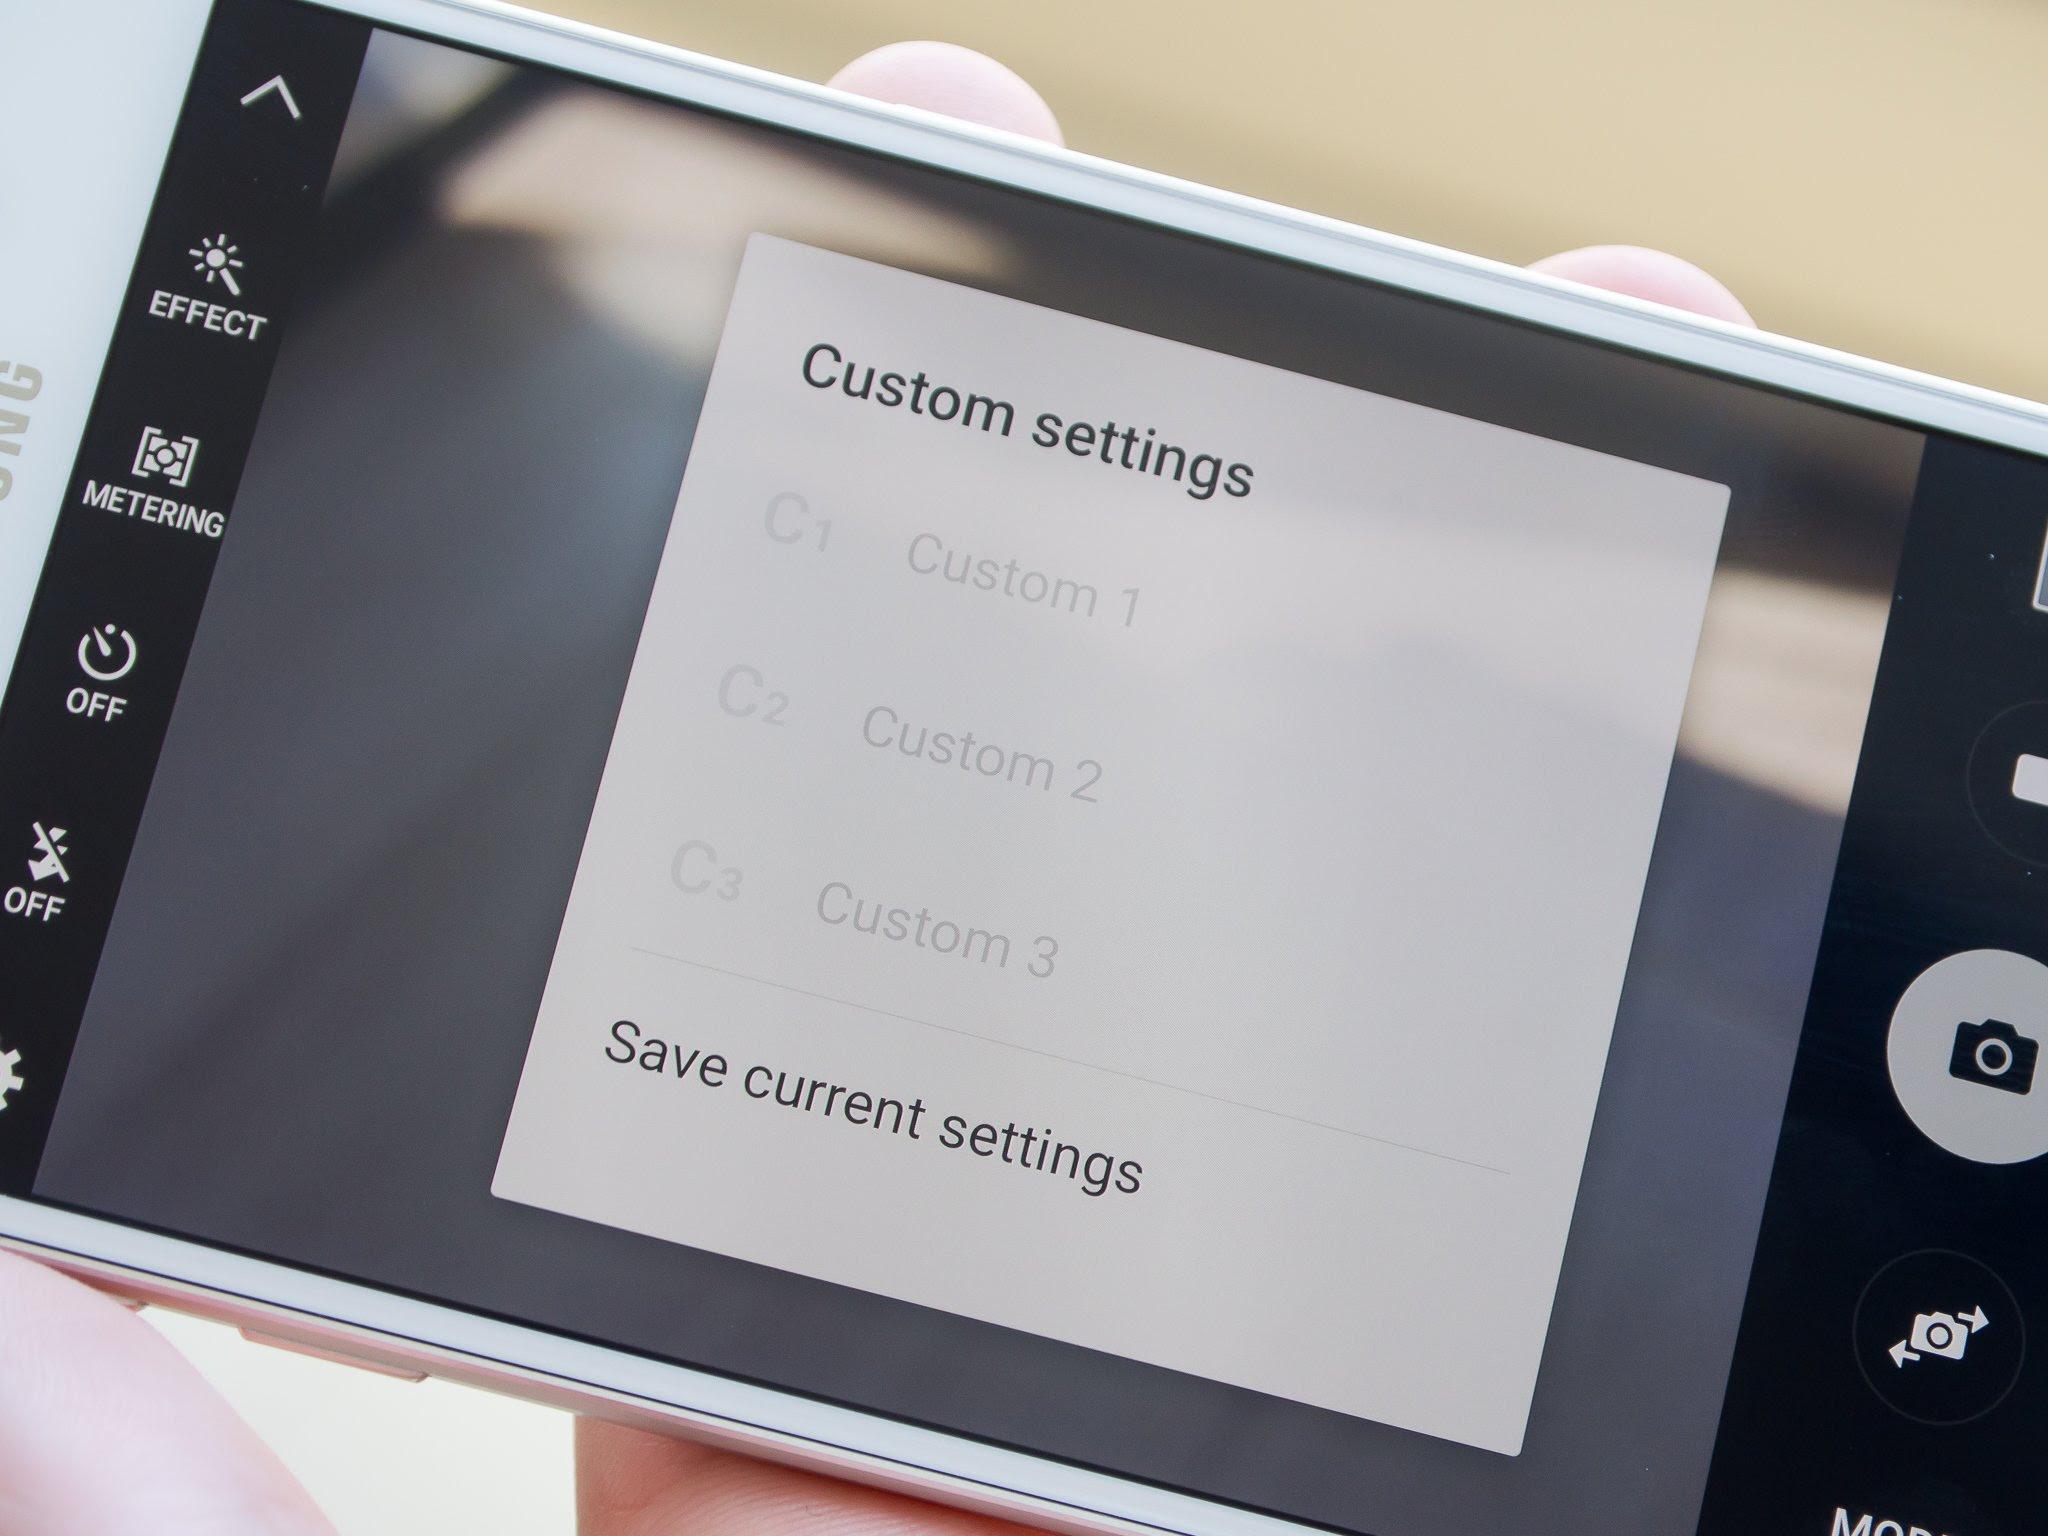 Galaxy S6 camera presets